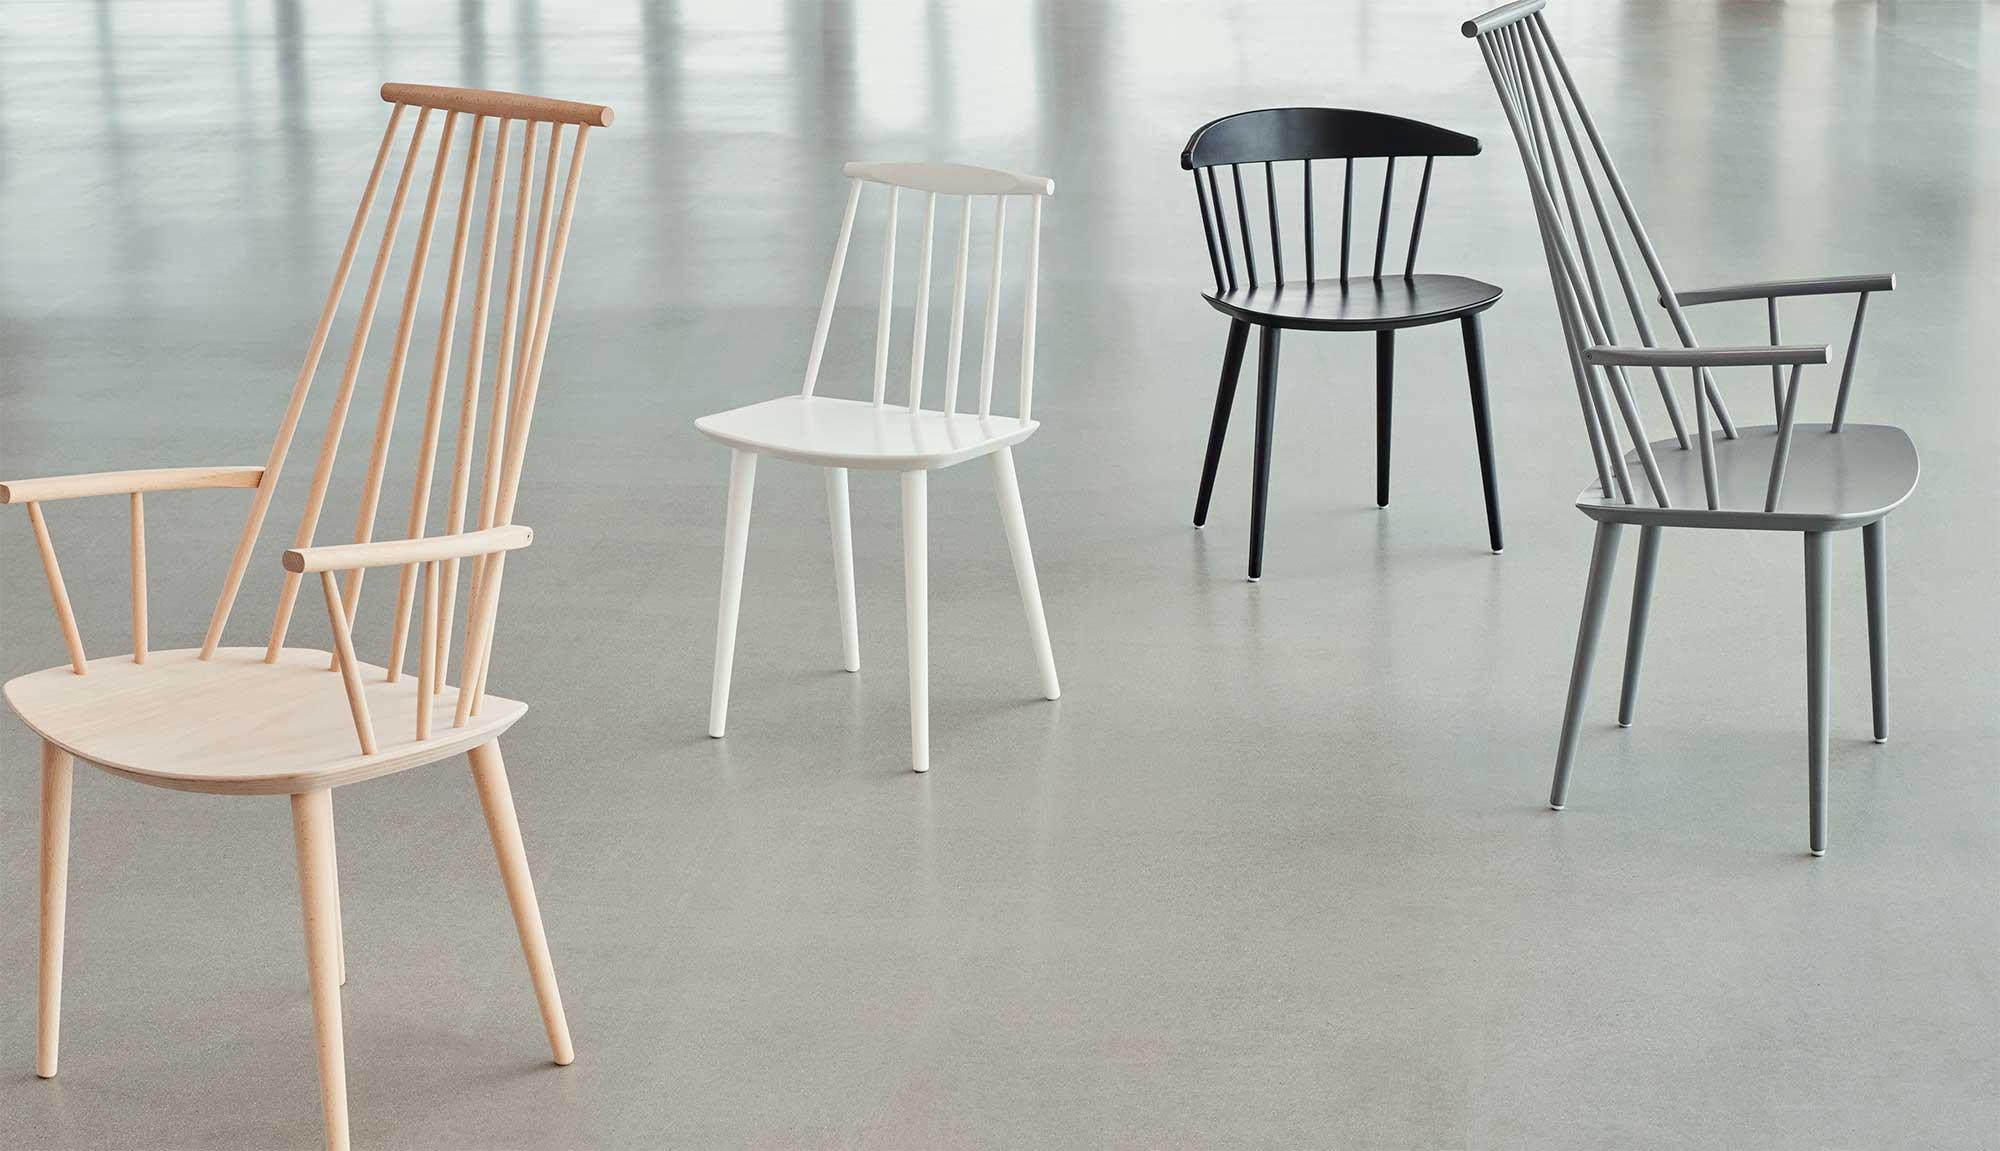 Chaise scandinave : 17 modèles en bois pour salle à manger